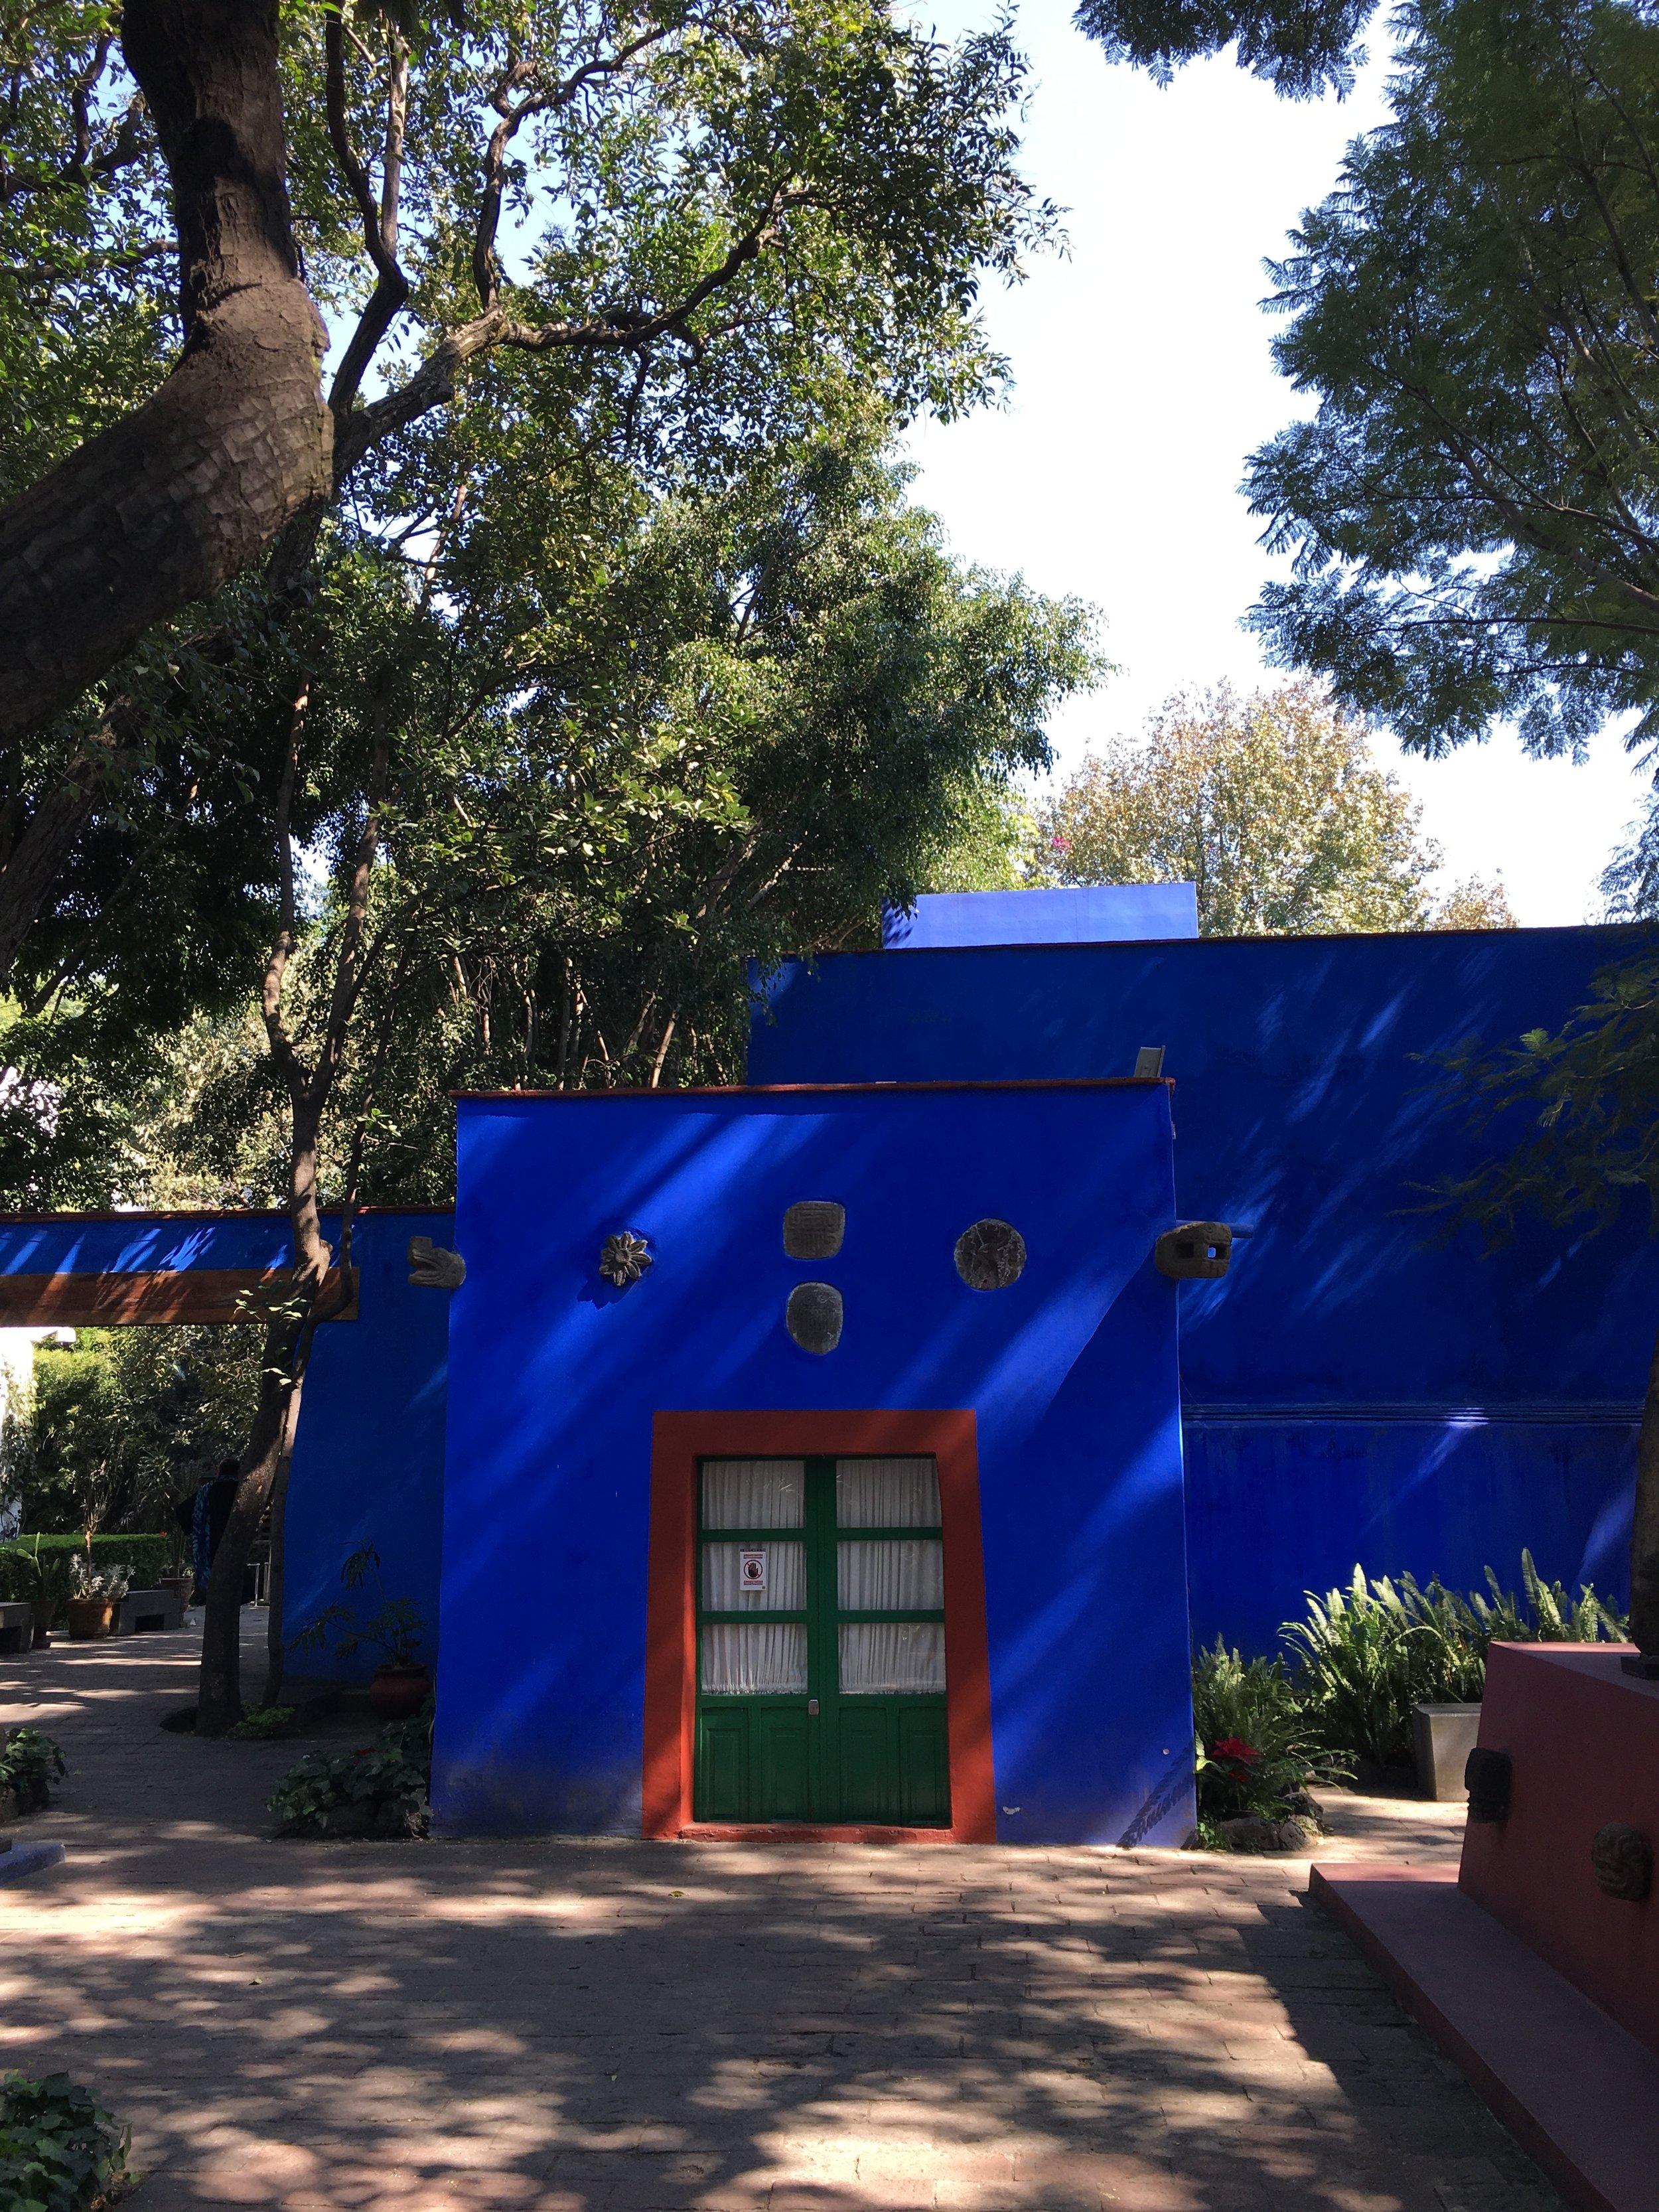 The Casa Azul